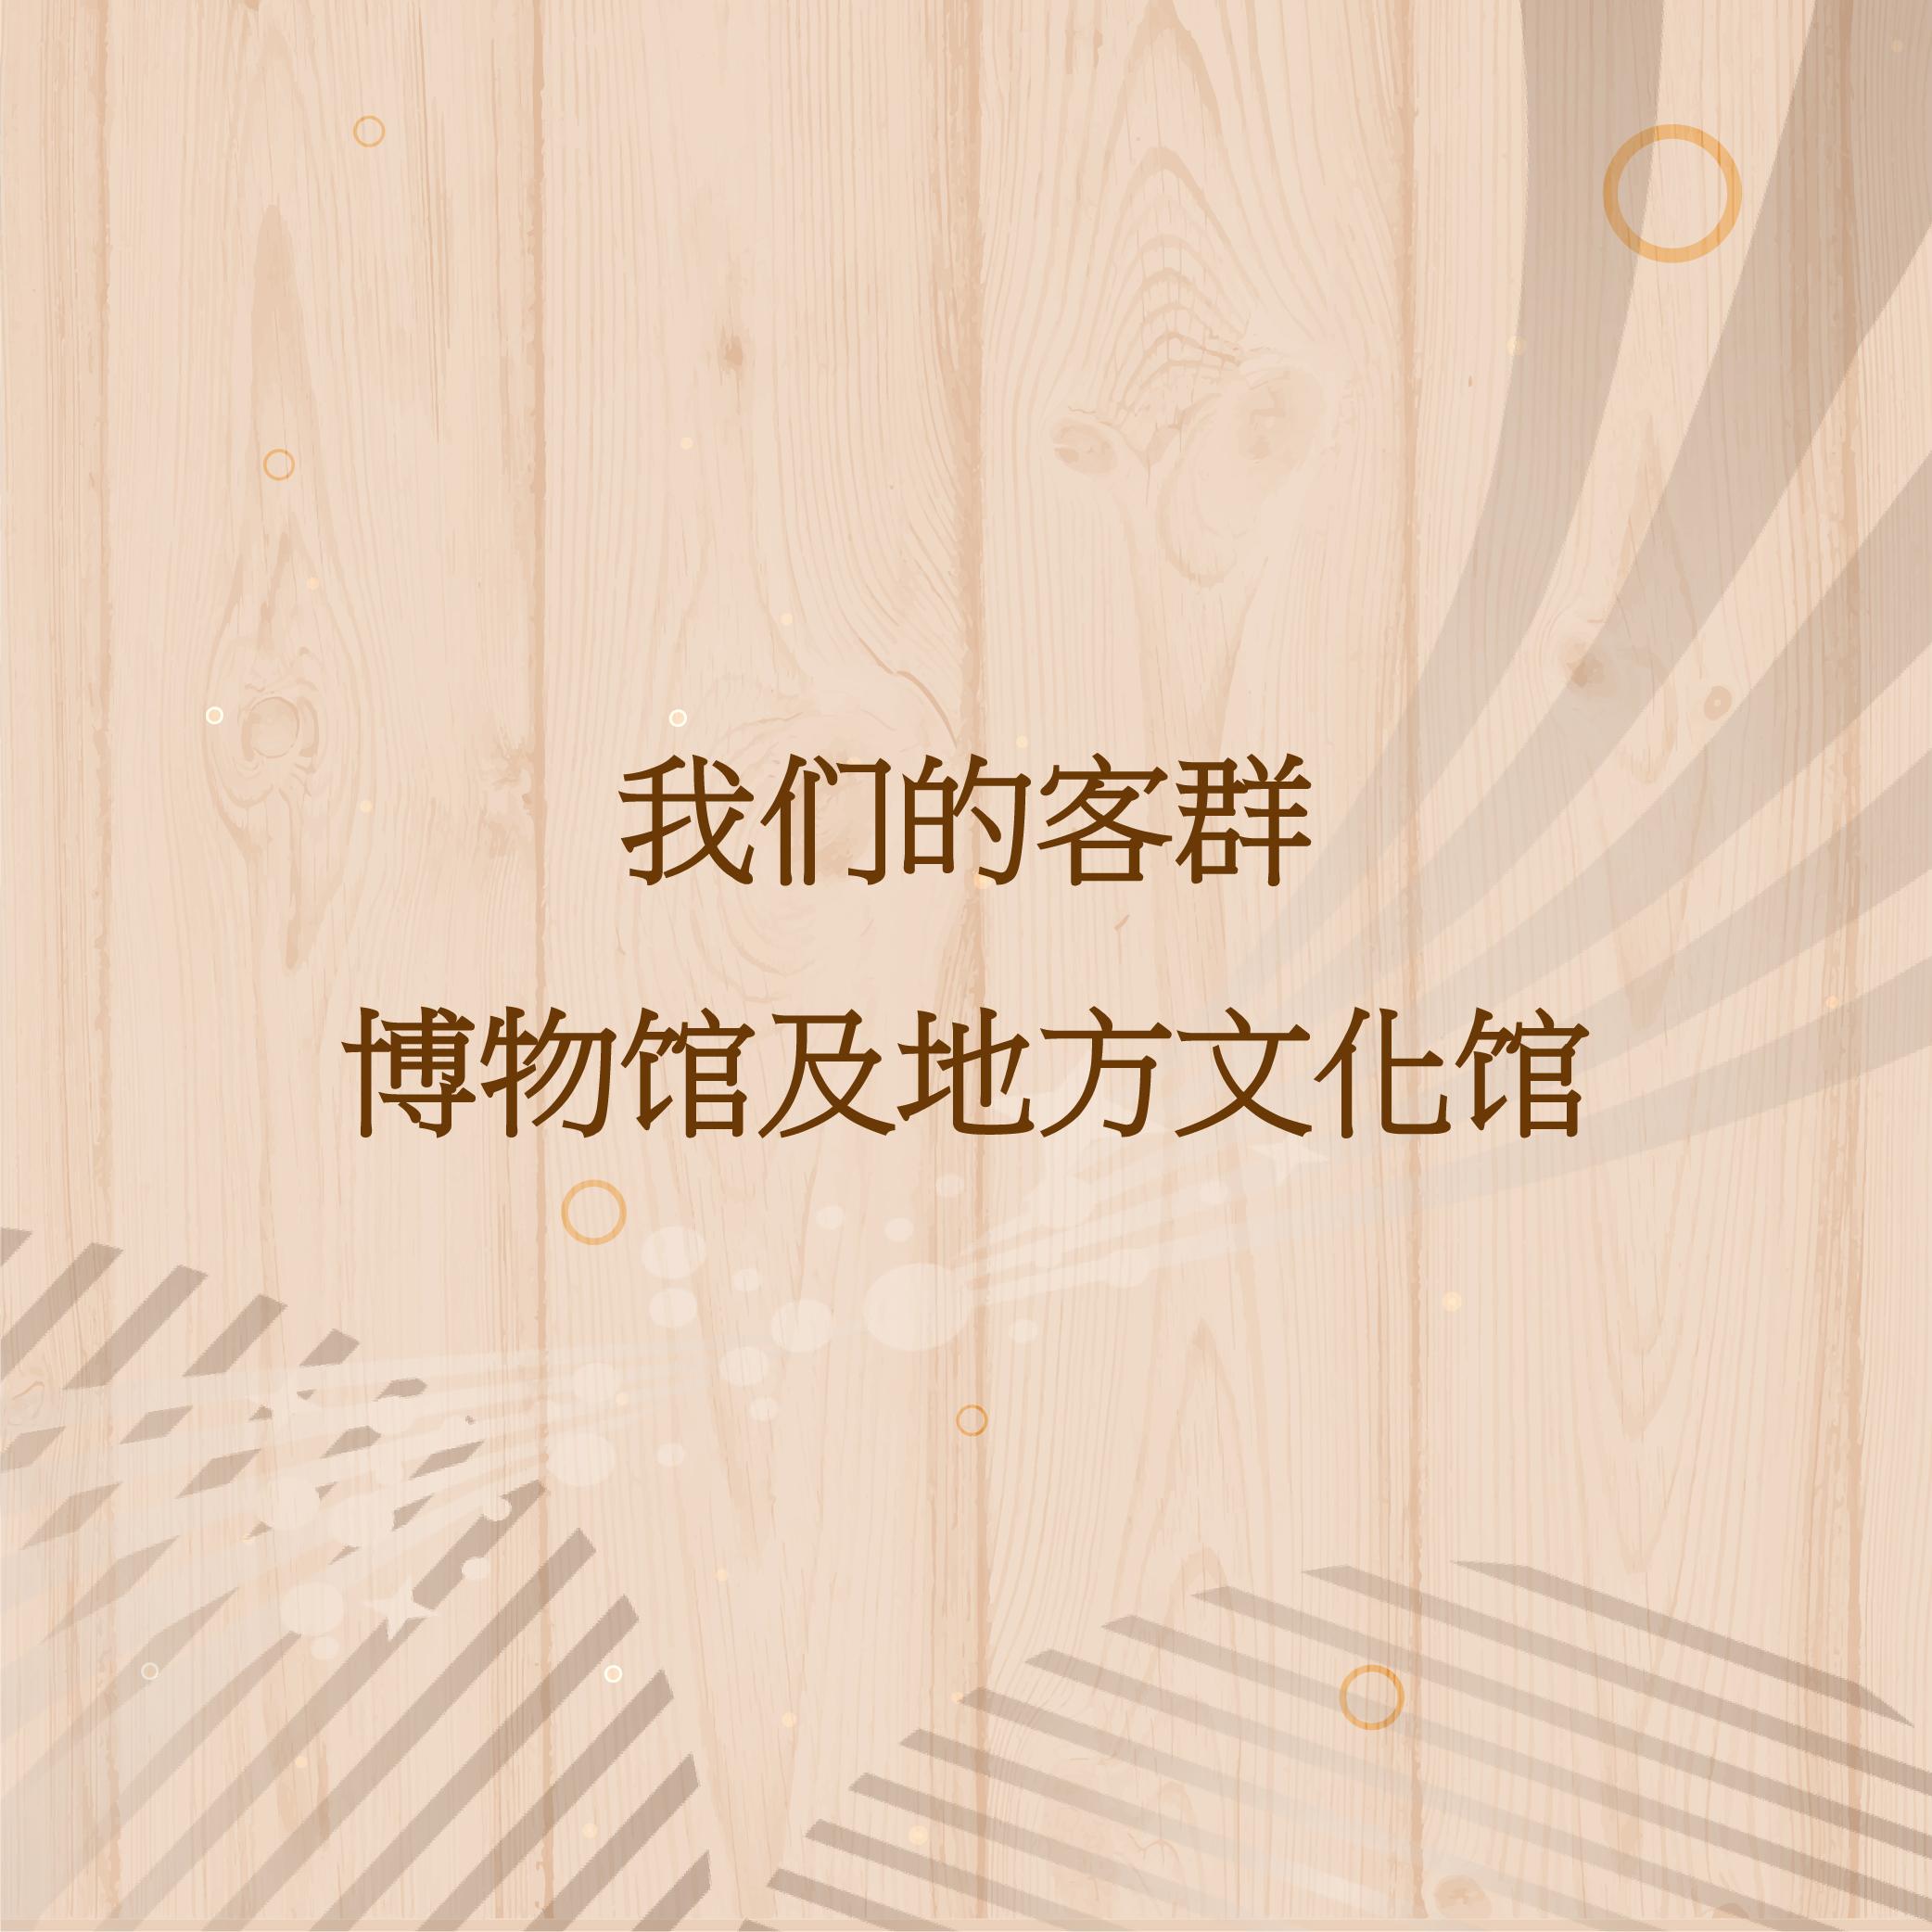 廣告(簡體 02